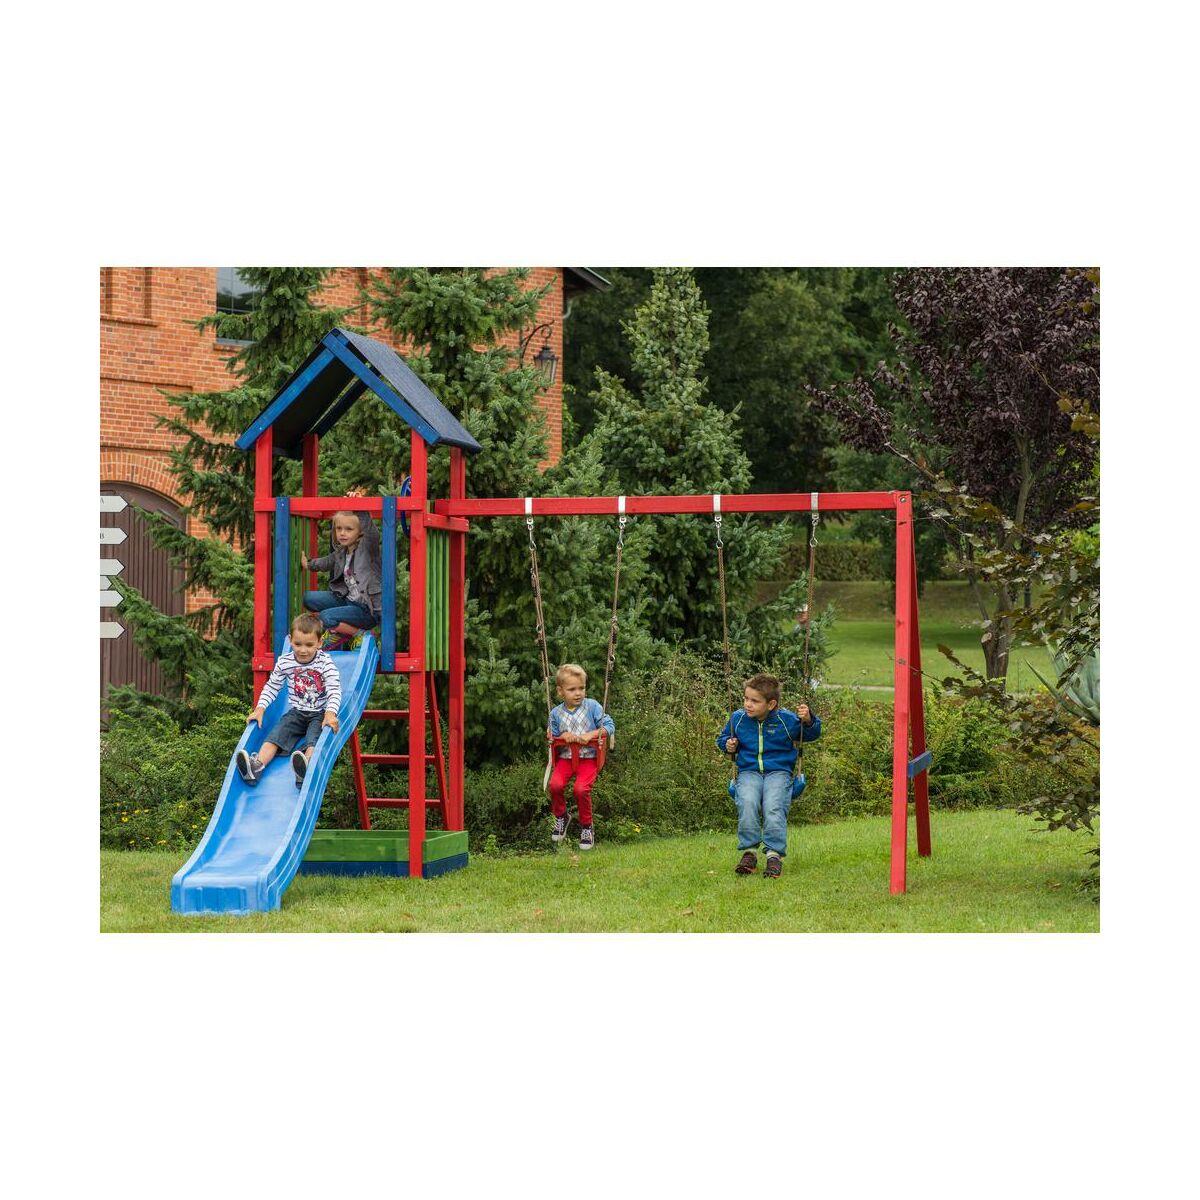 plac zabaw zuzia szer 390 x g 200 x wys 290 cm sobex hu tawki dla dzieci bujaki w. Black Bedroom Furniture Sets. Home Design Ideas